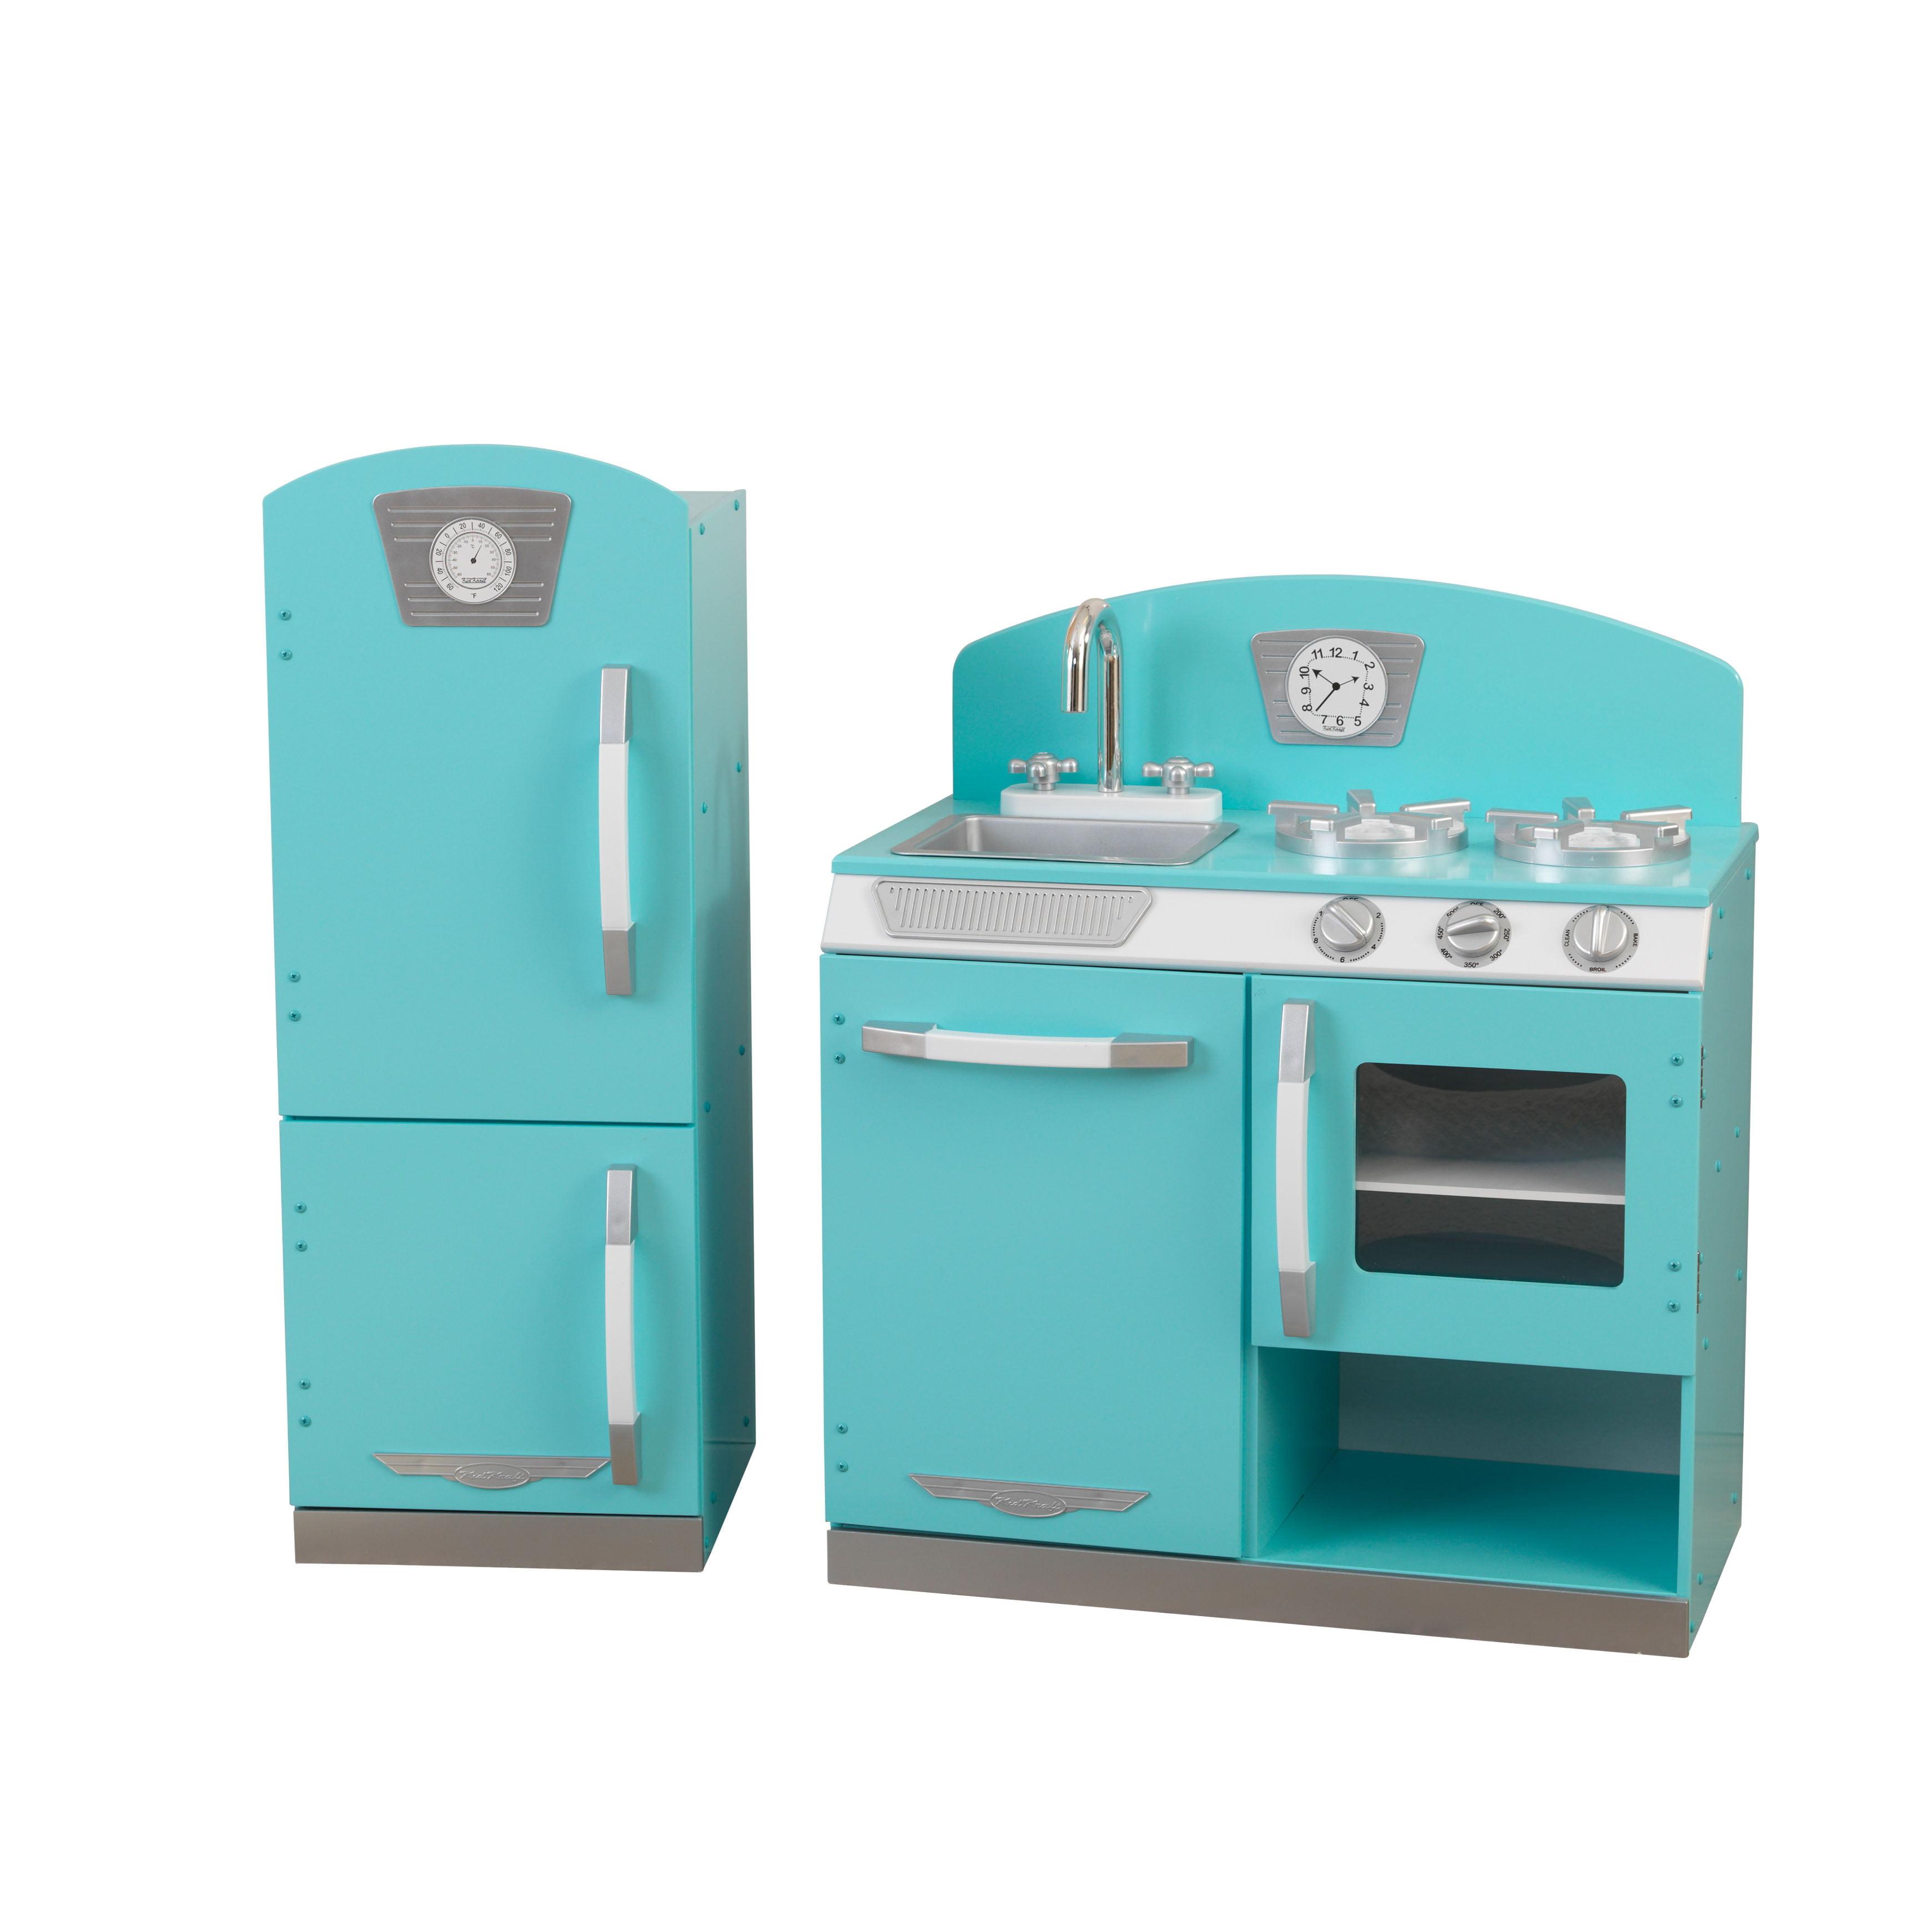 Kidkraft Kitchen Blue kidkraft blue retro kitchen and refrigerator - walmart